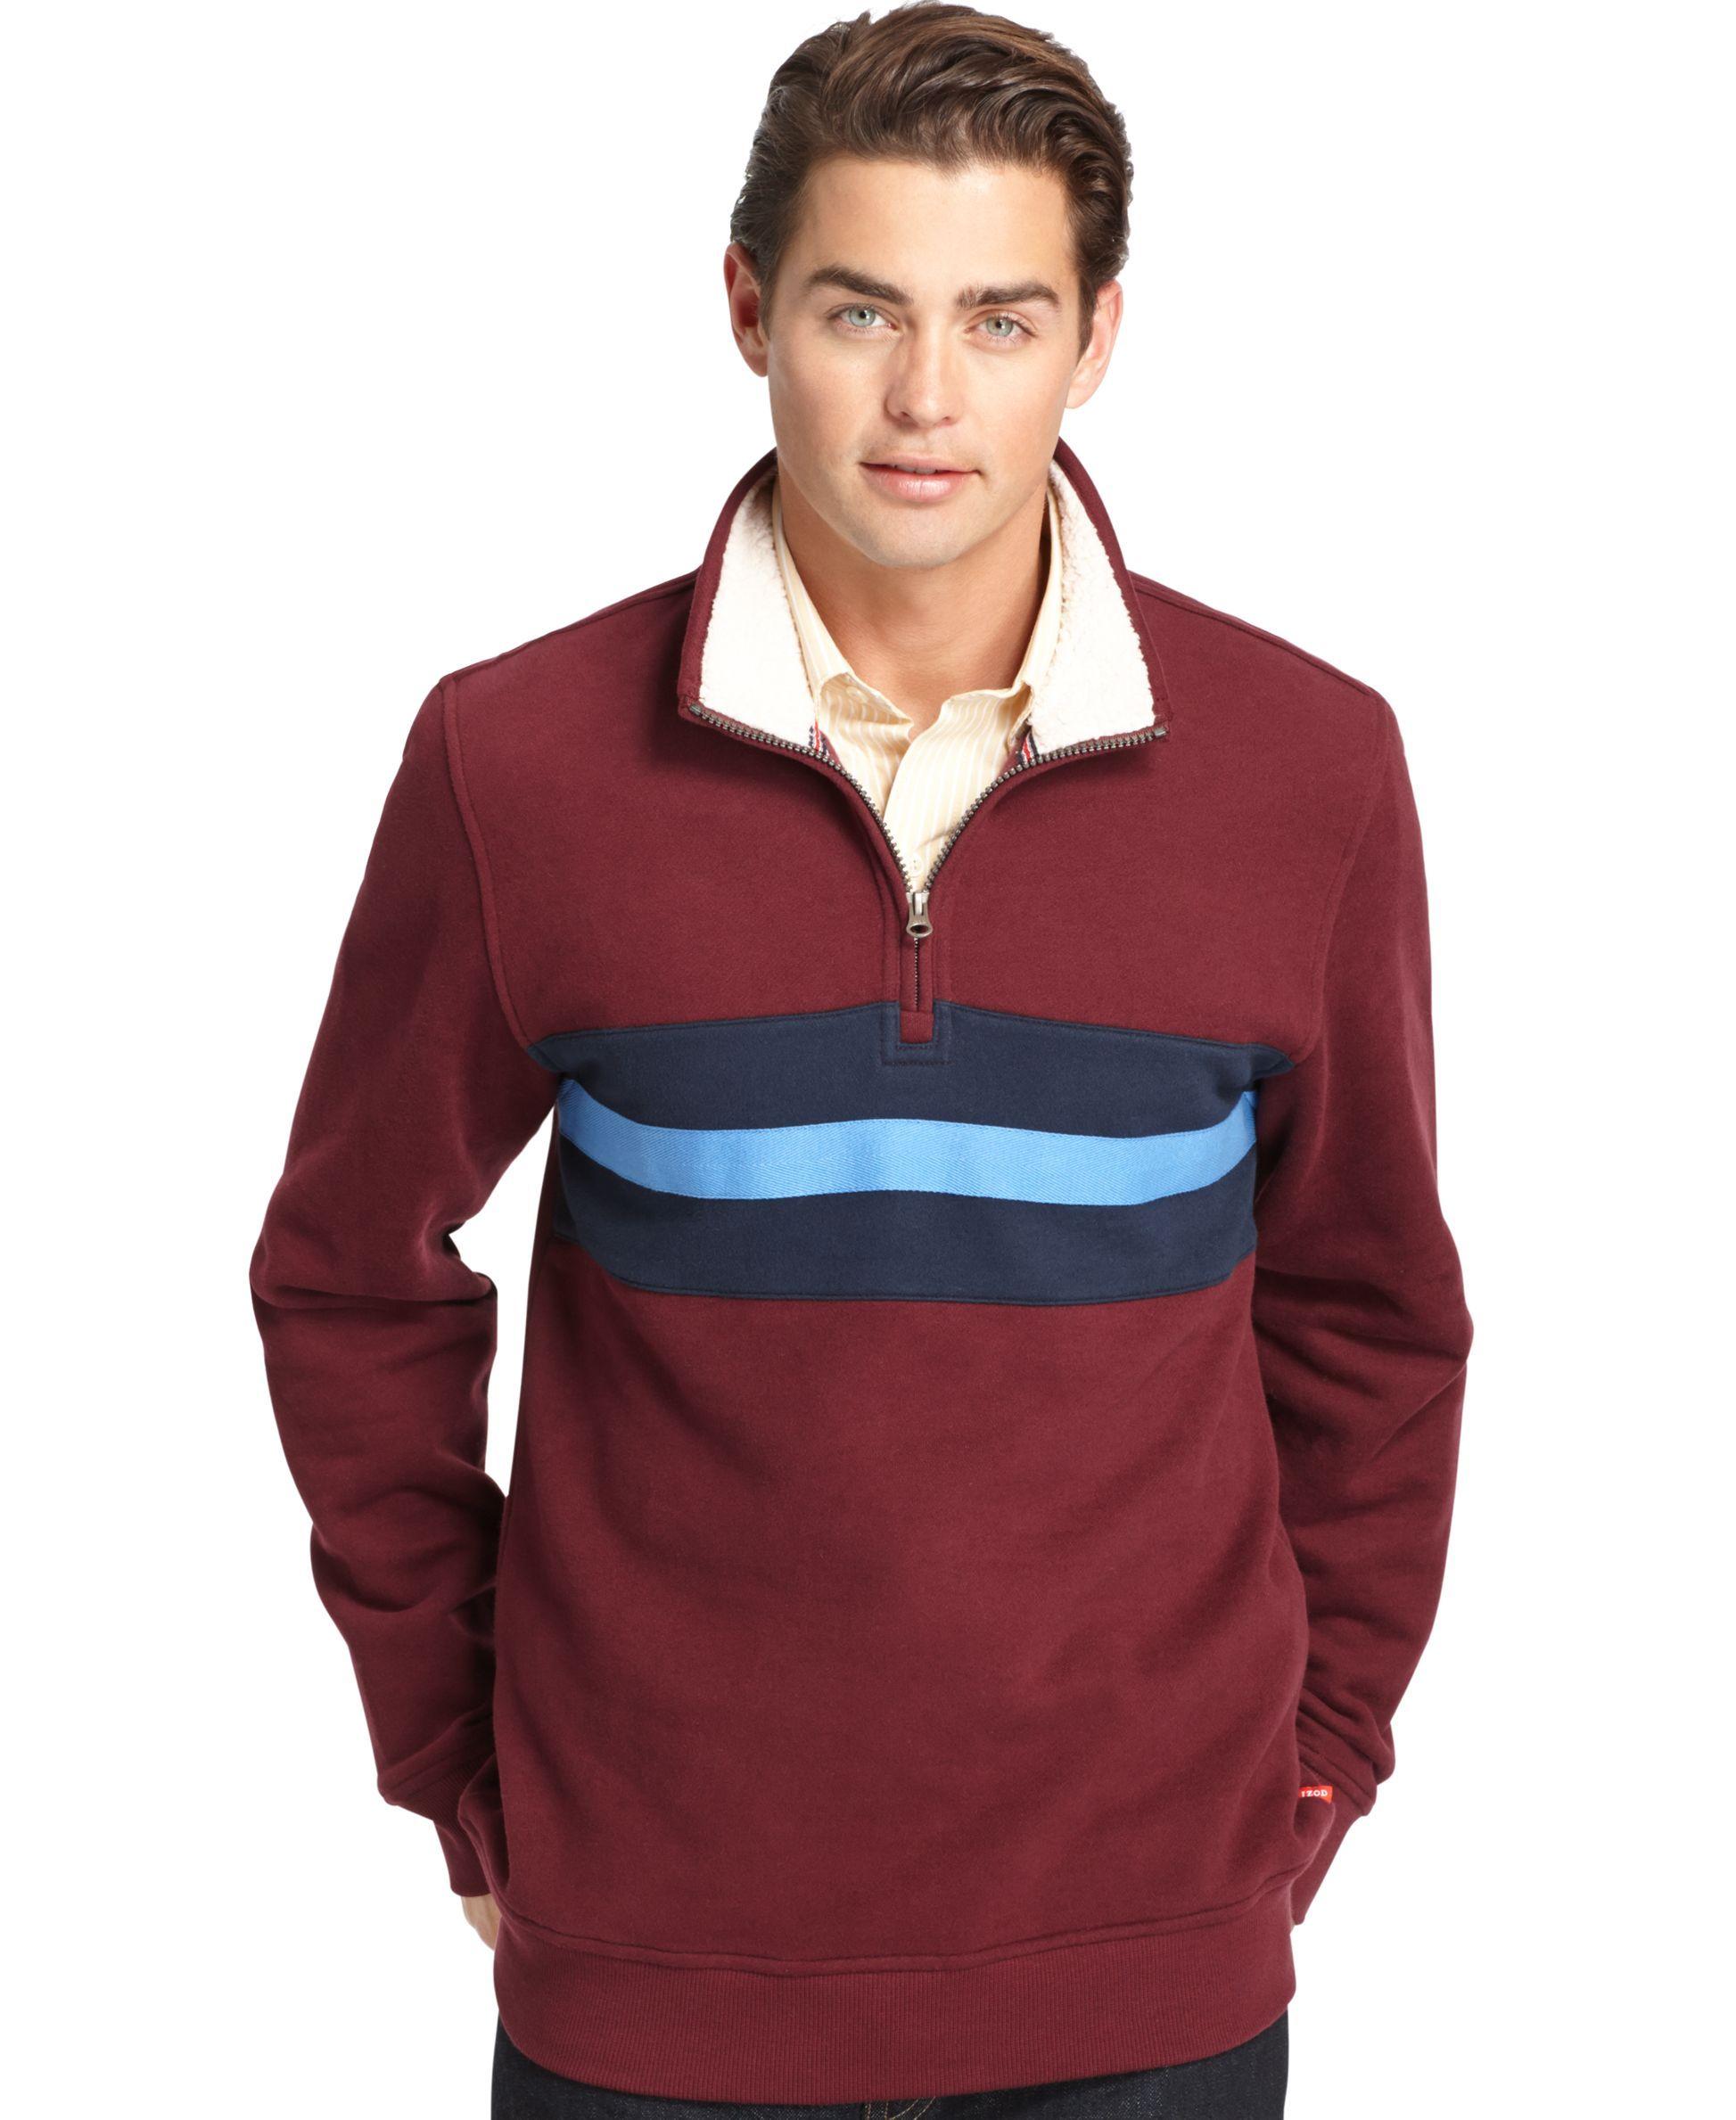 Izod Suede Fleece Quarter-Zip Pullover | Products | Pinterest ...